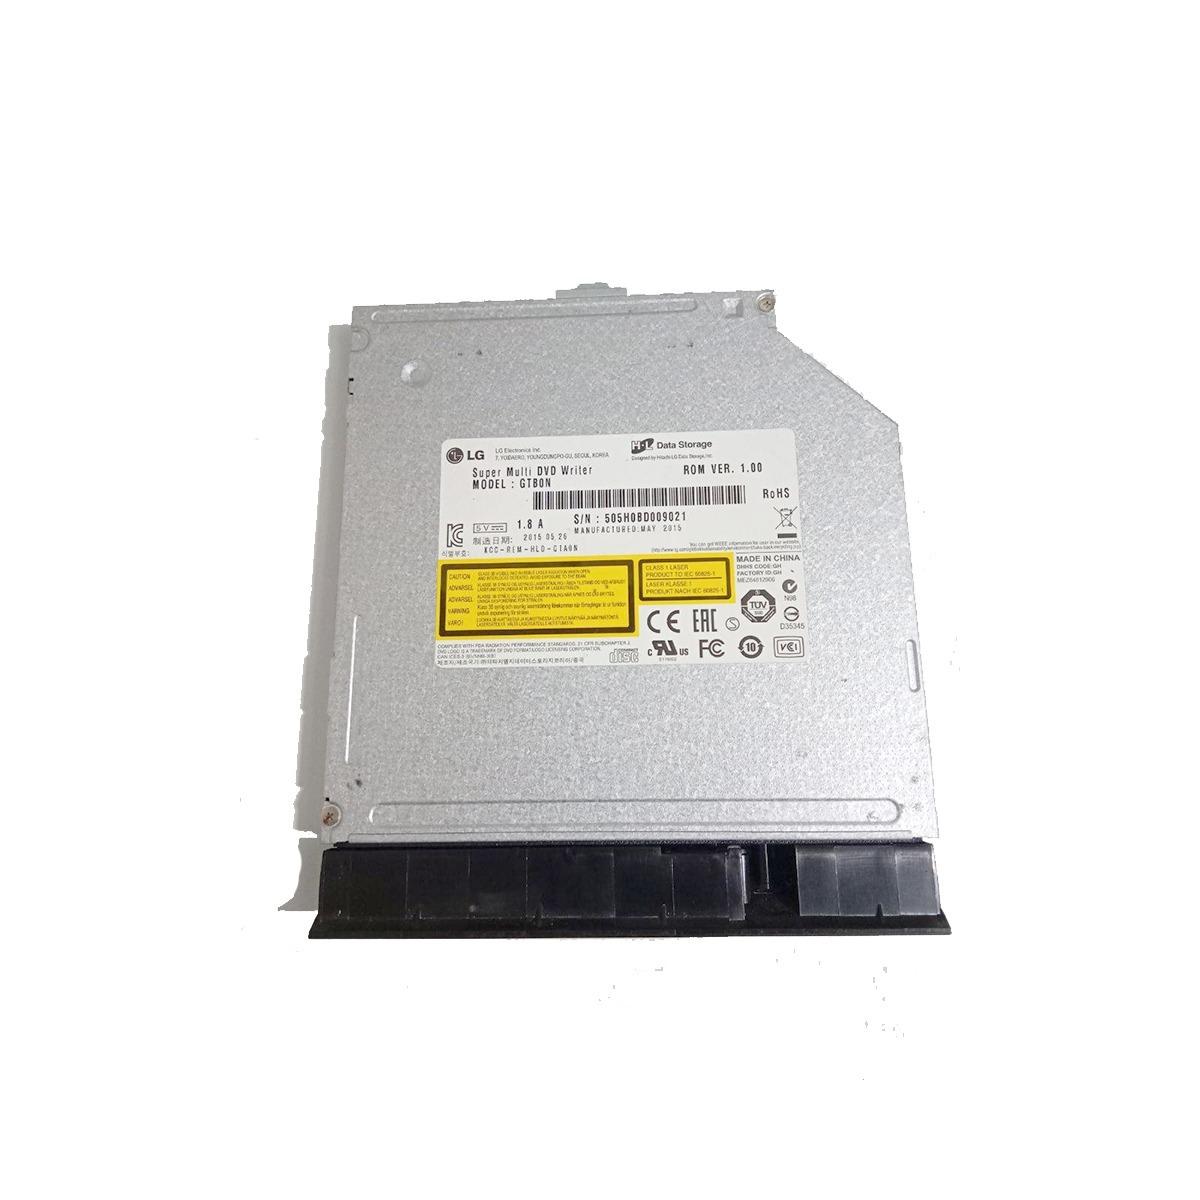 LENOVO G550 CD ROM WINDOWS 10 DRIVER